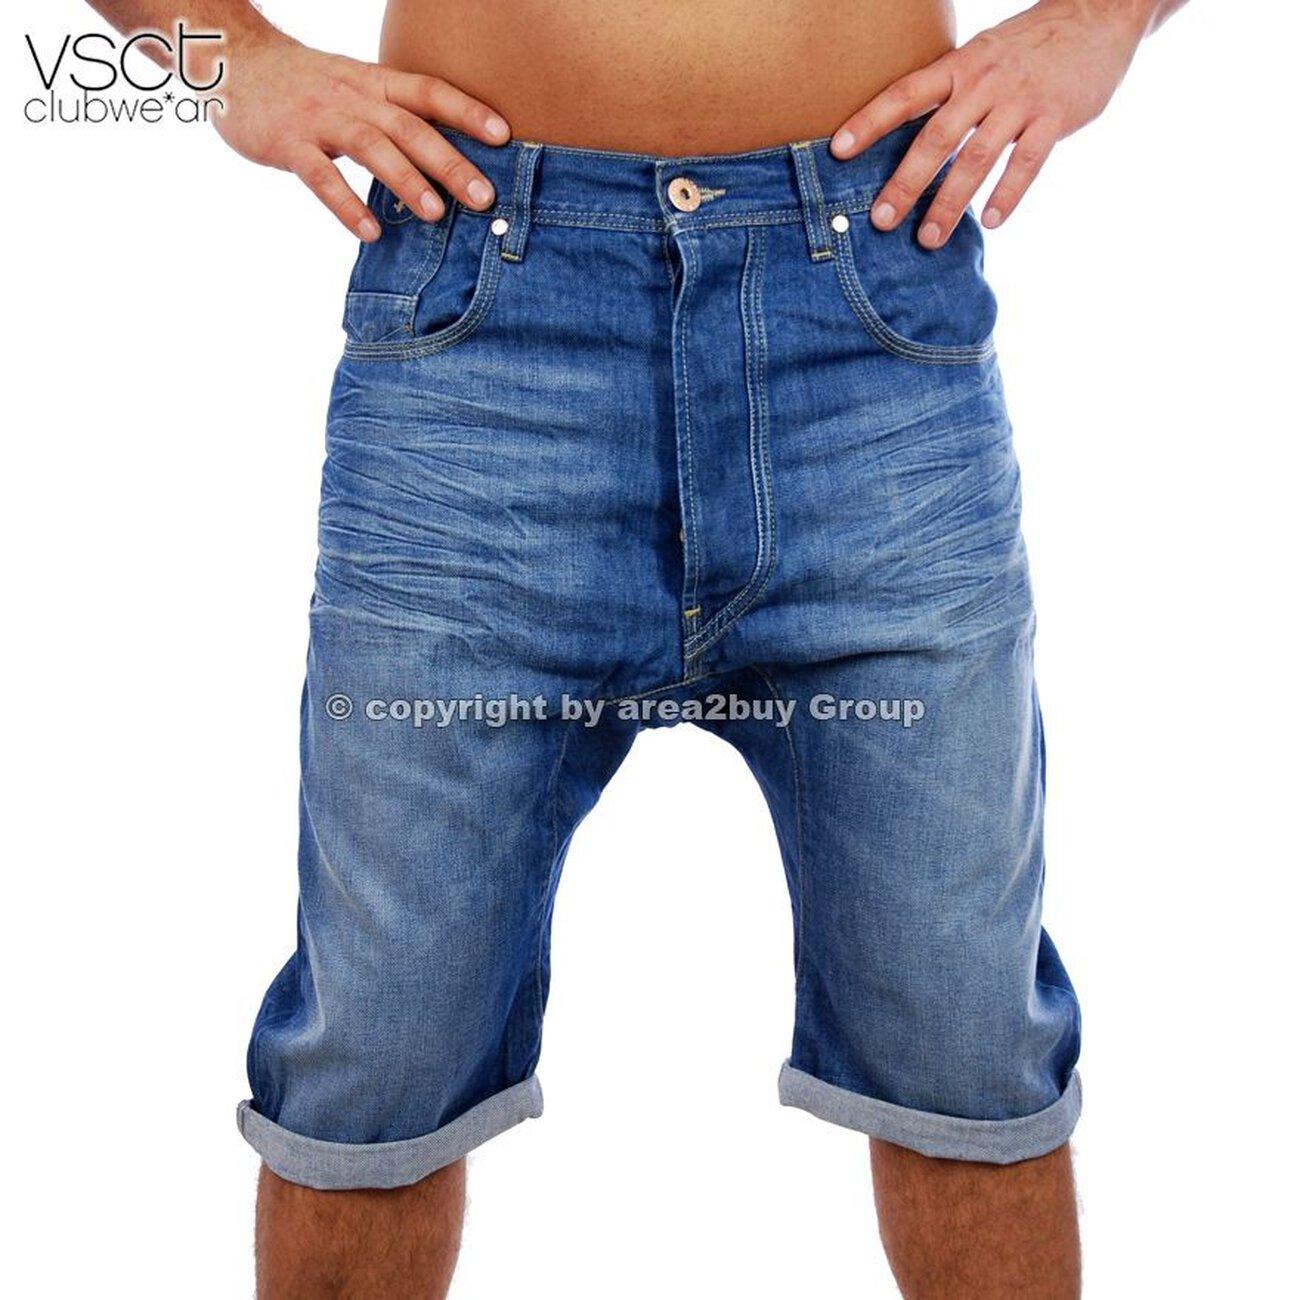 shorts herren blau low drop vsct 5640138 g nstig online. Black Bedroom Furniture Sets. Home Design Ideas